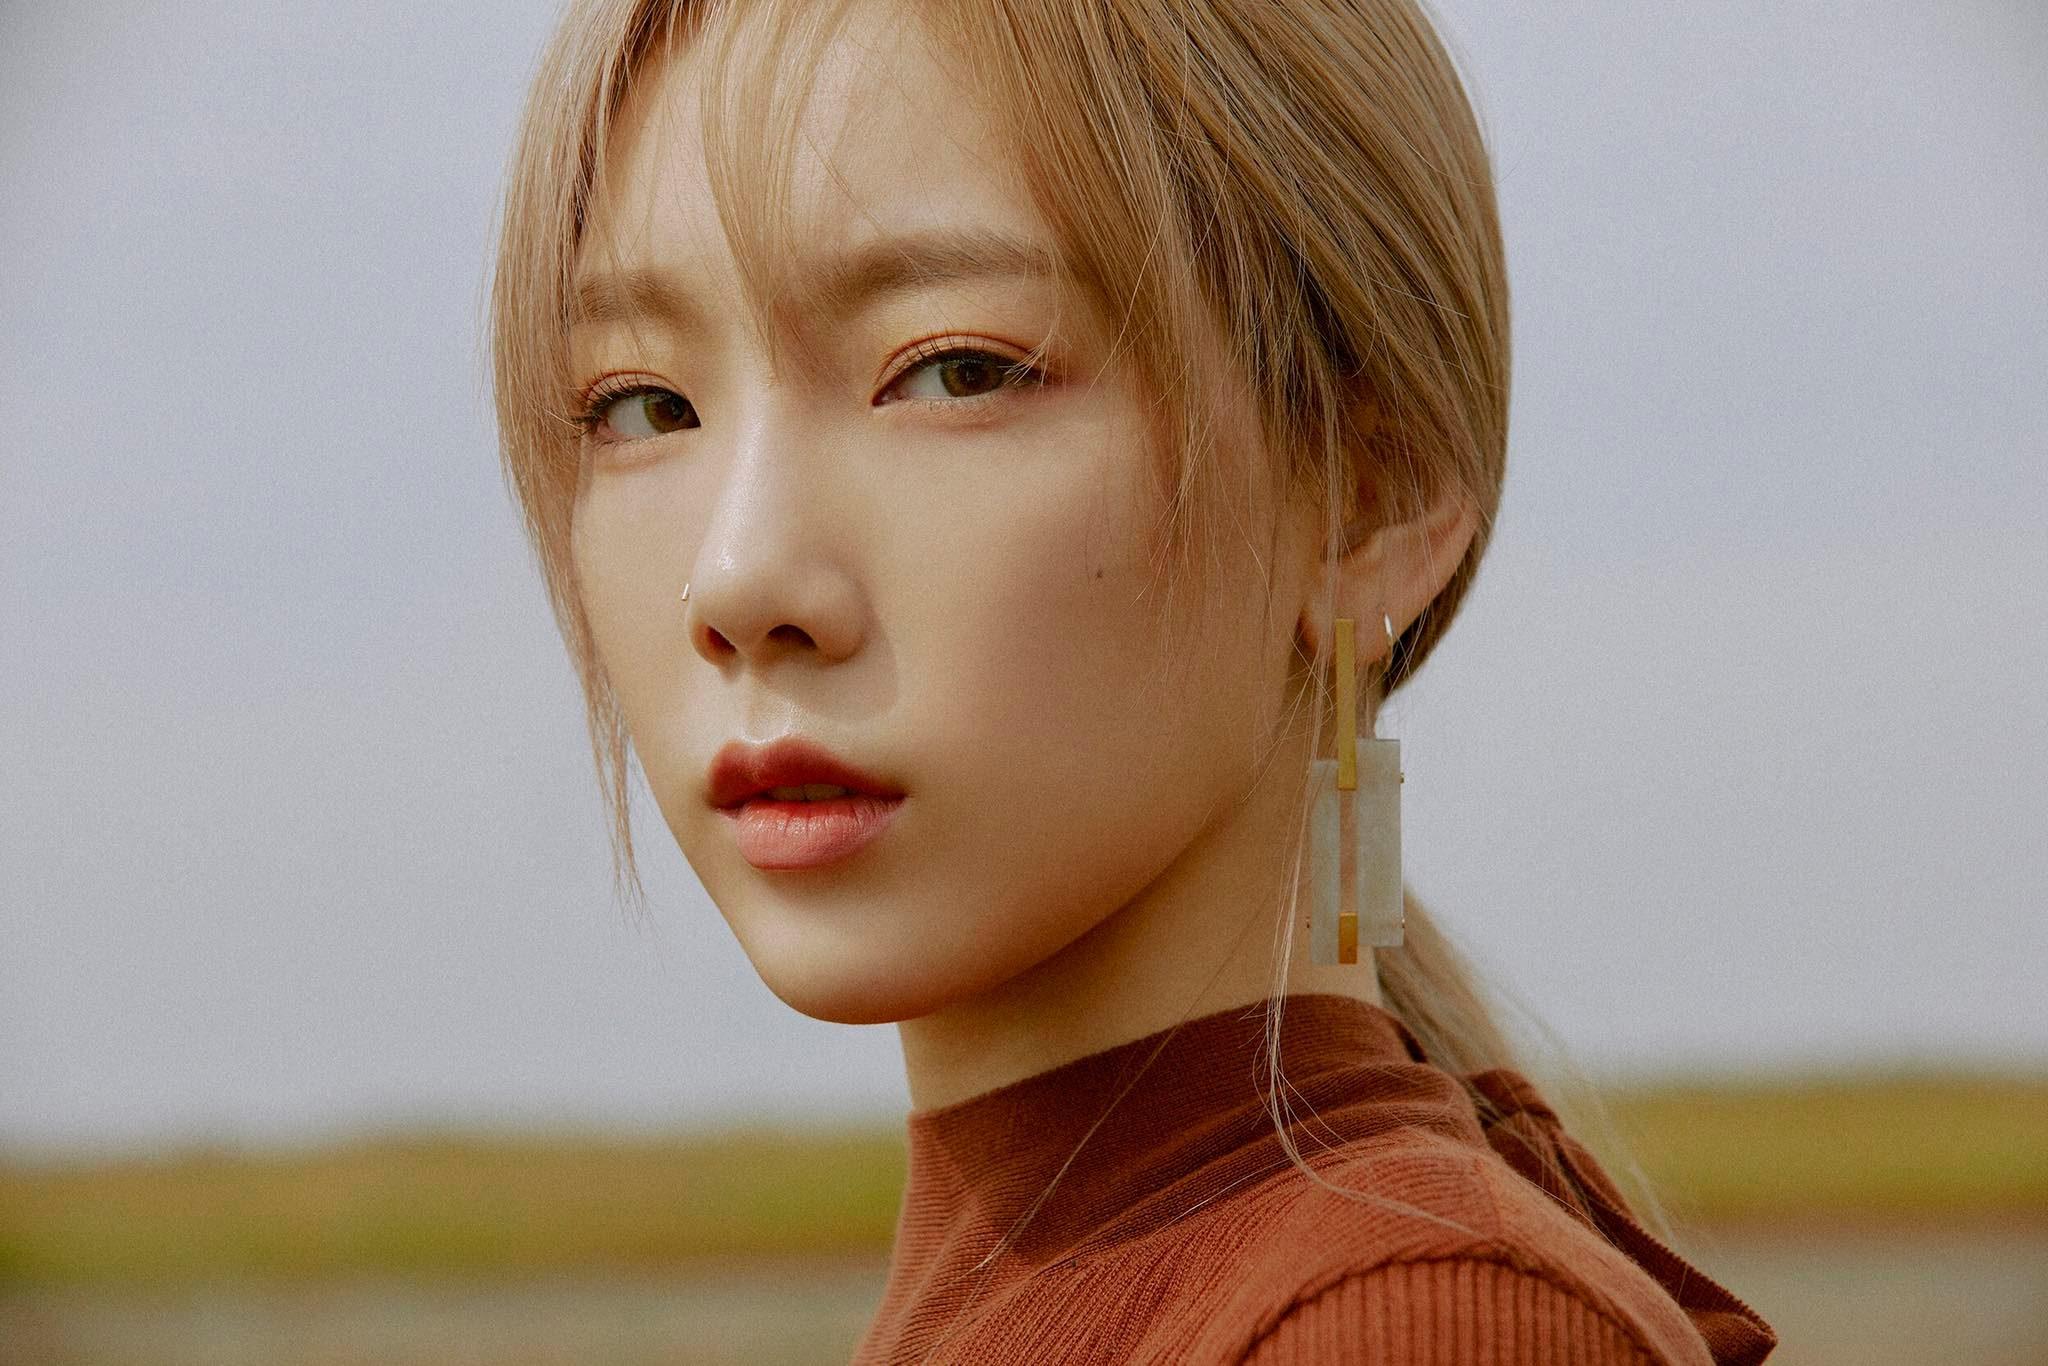 Snsd taeyeon se izvinjava fanovima u zračnoj luci zbog druženja s egzovim baekhyunom